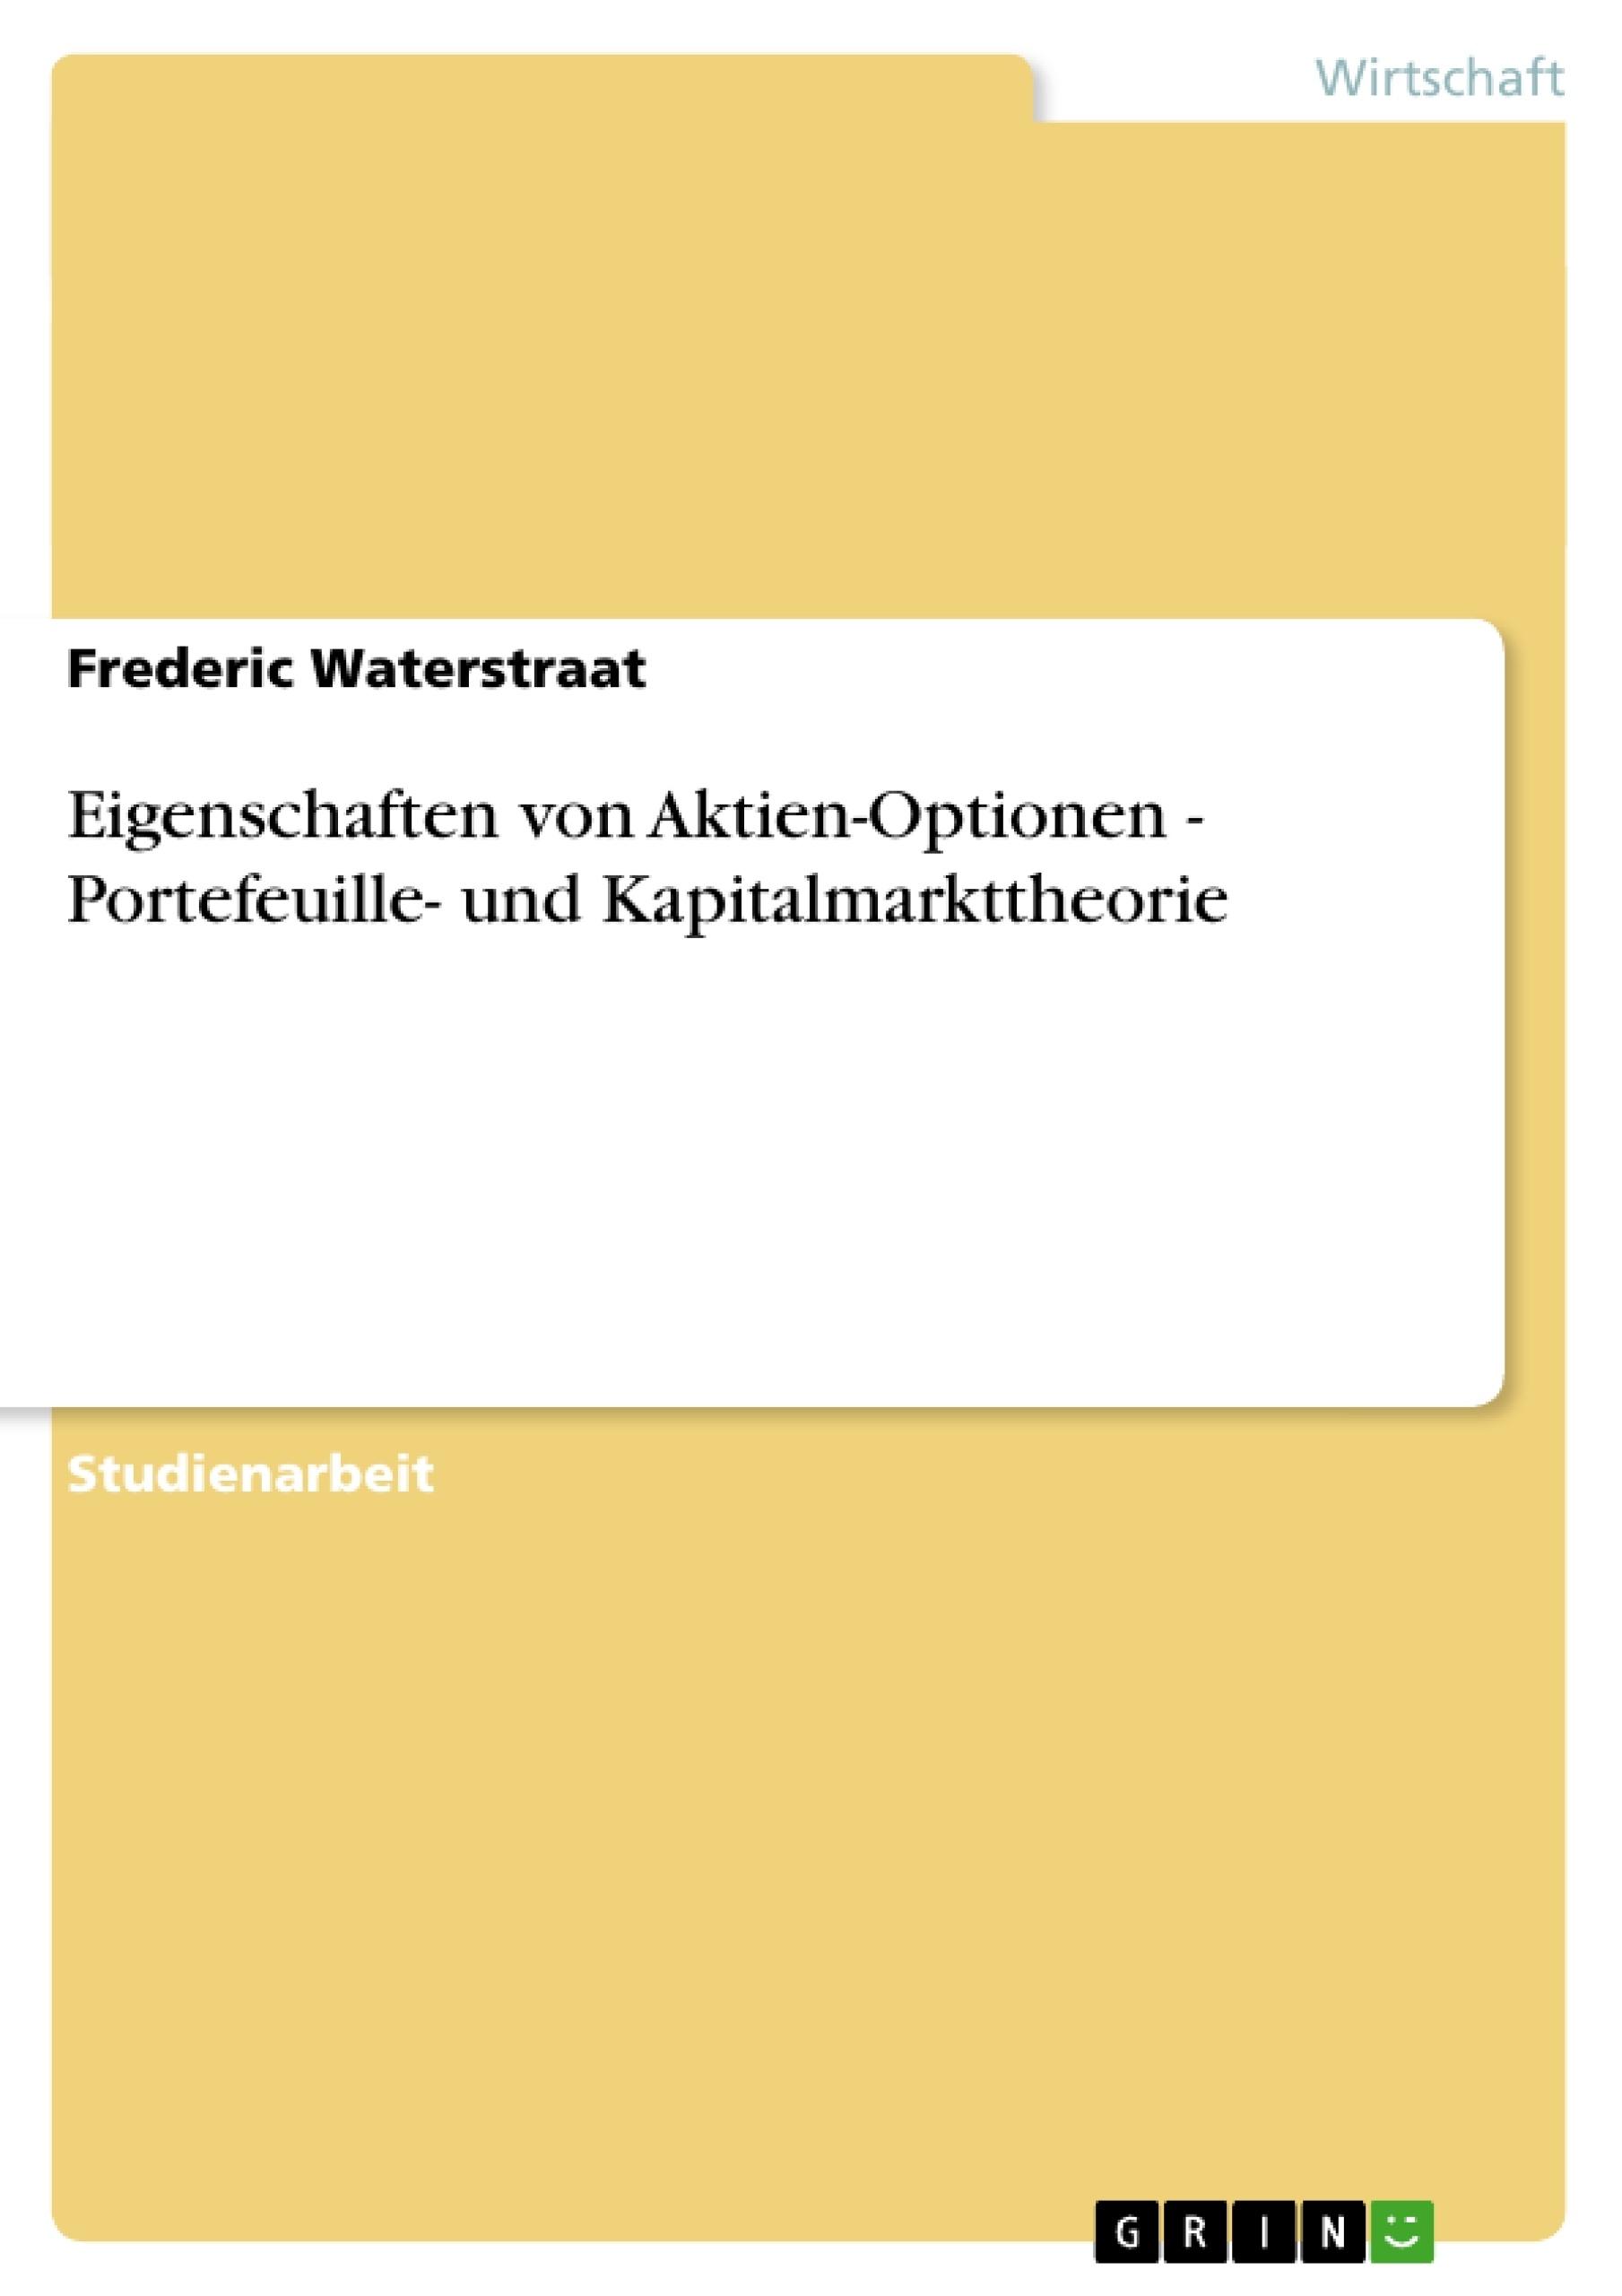 Titel: Eigenschaften von Aktien-Optionen - Portefeuille- und Kapitalmarkttheorie